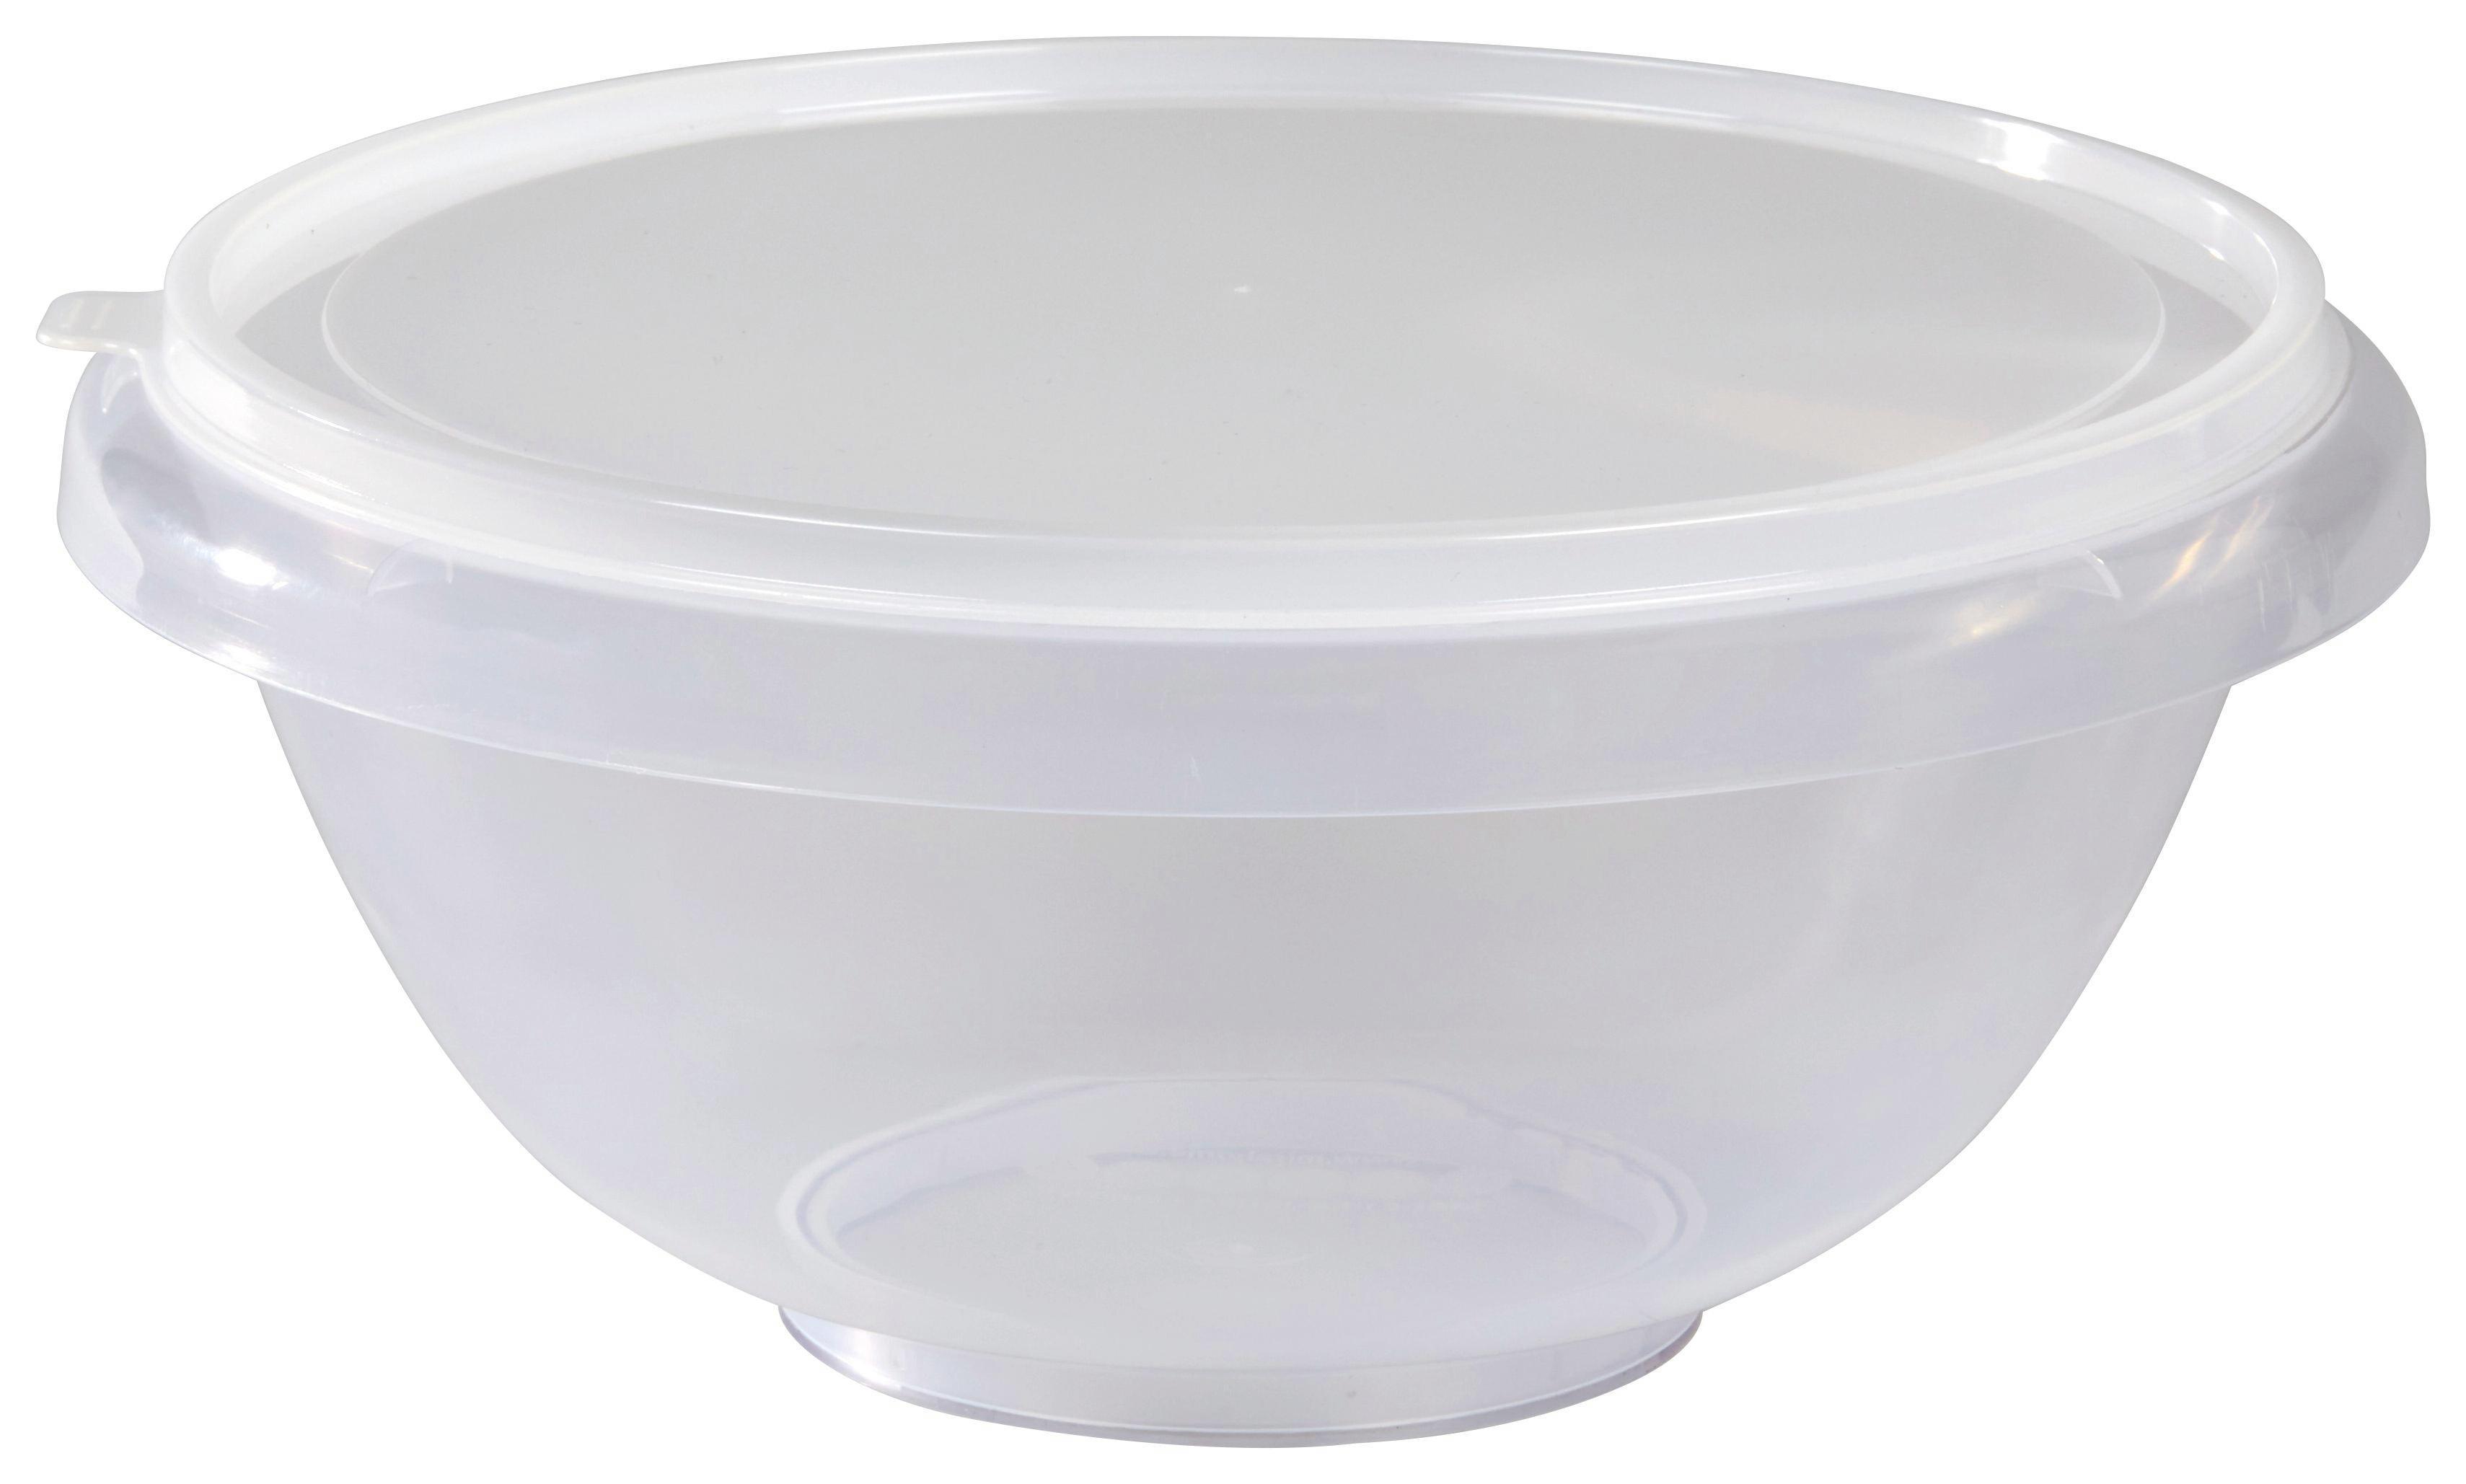 Tál Műanyag - natúr színek/piros, konvencionális, műanyag (32/15.3cm)